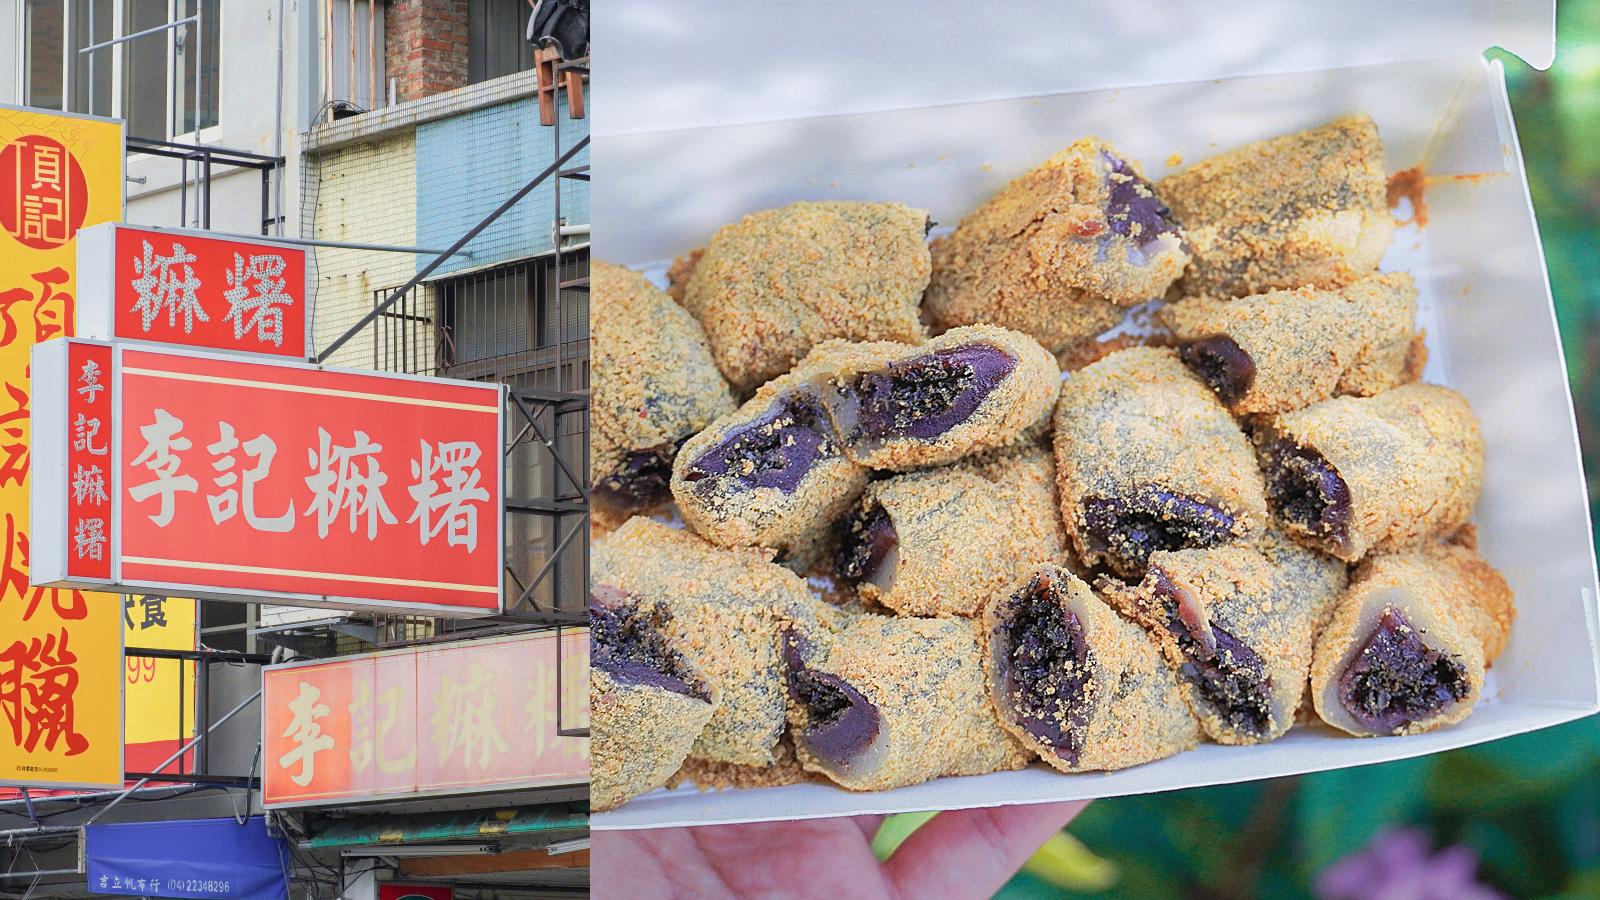 ☆【台中美食】北區經典排隊伴手禮:李記麻糬。黑糖麻糬竟然消失了!! @凱的日本食尚日記